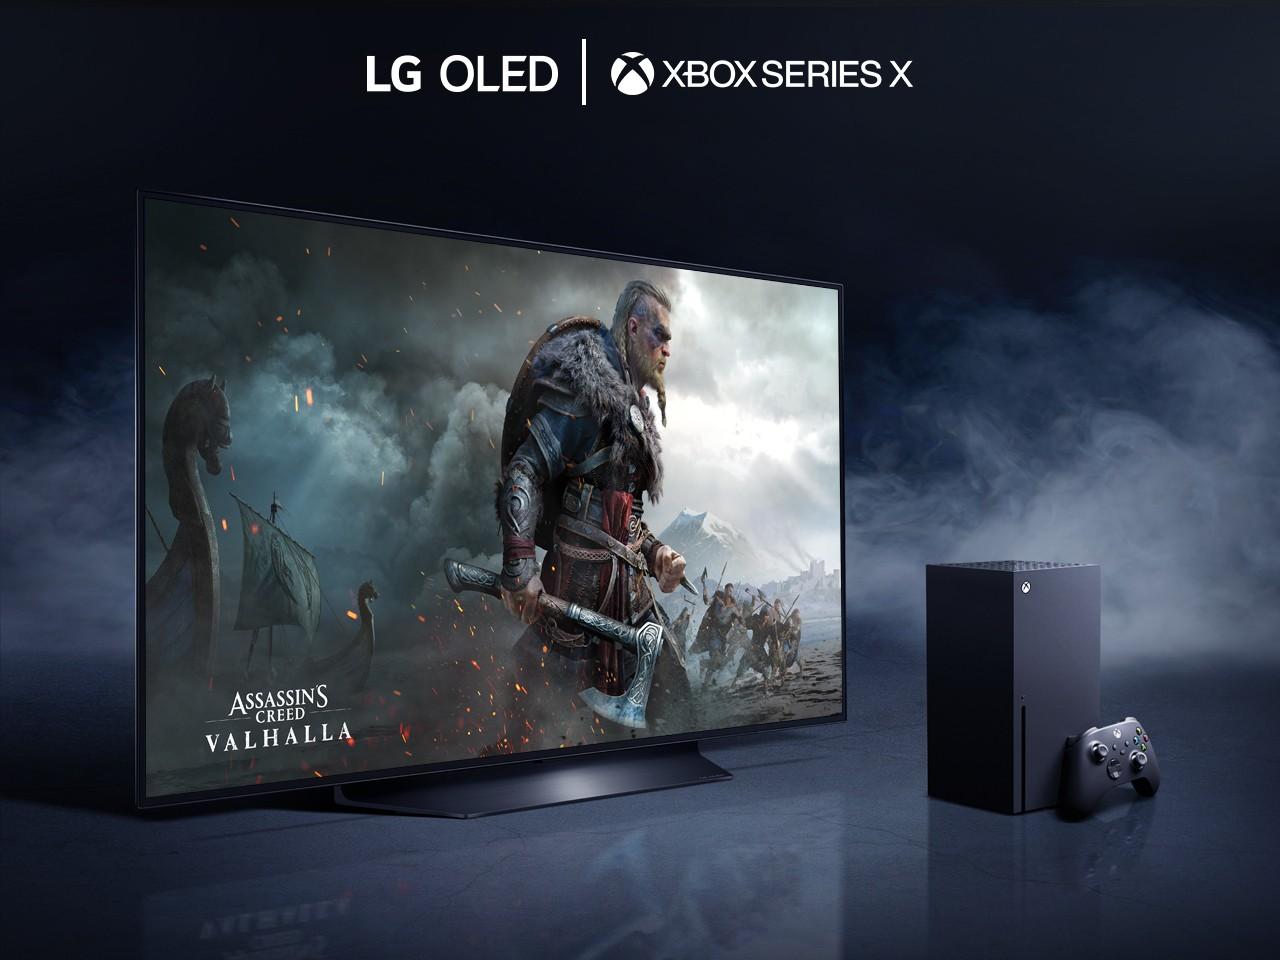 LG OLED - Xbox Series X